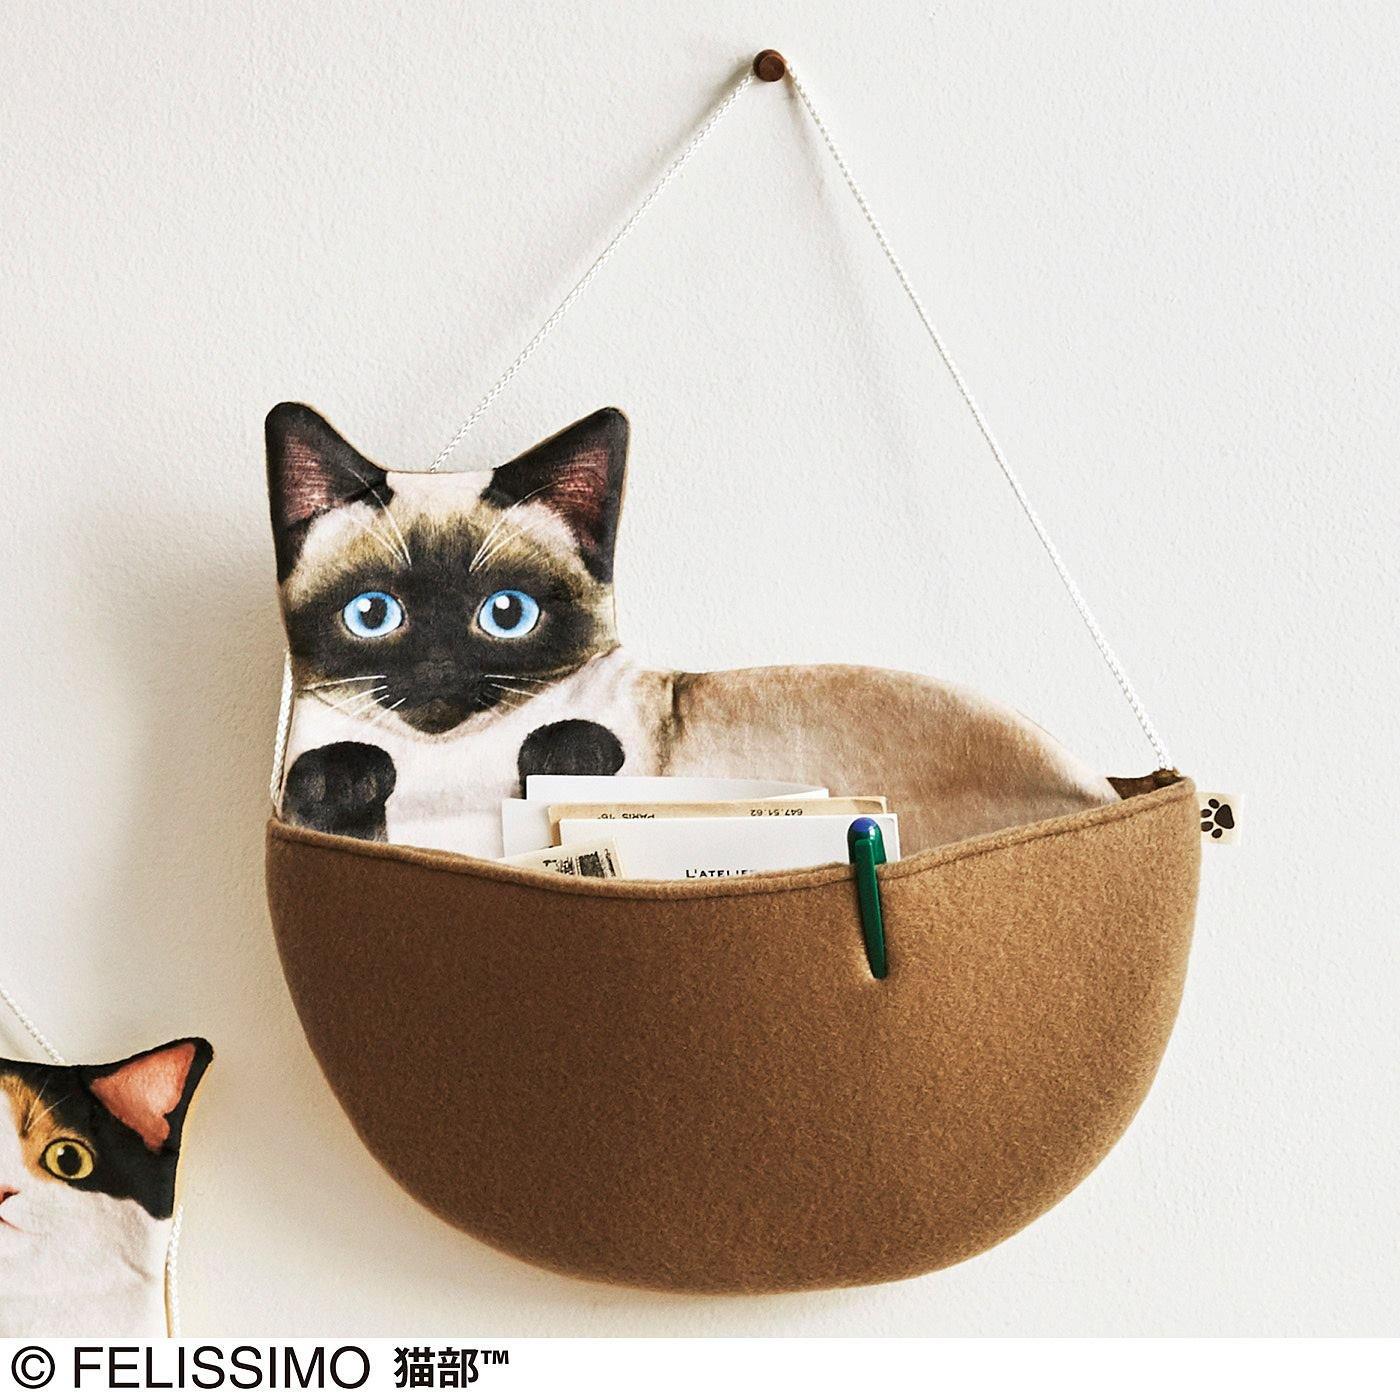 ハンモックでくつろぐ猫さんにあずけるウォールポケットの会